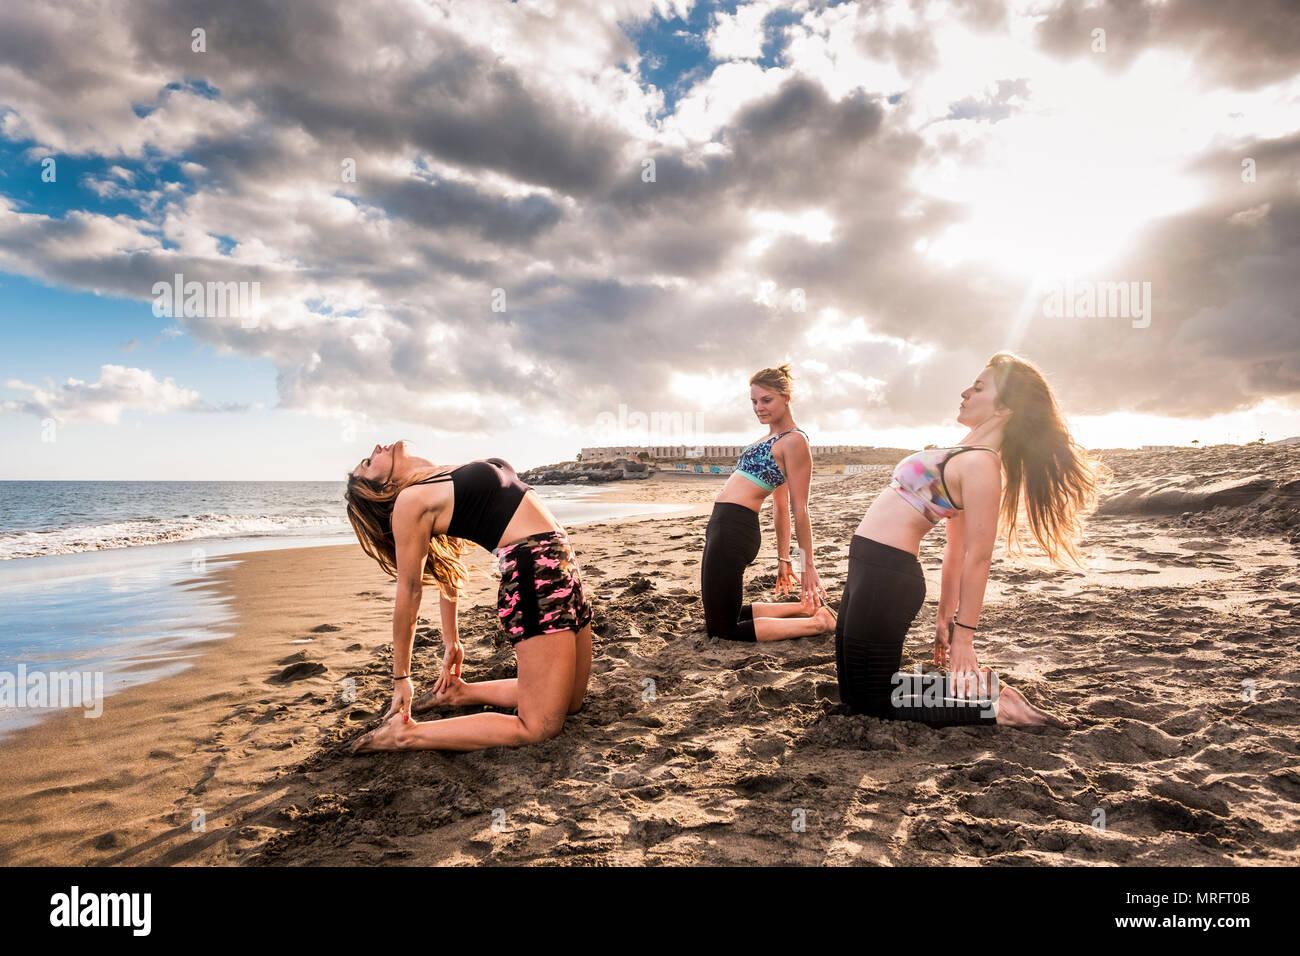 Le lezioni di pilates e di lezione per un gruppo di persone in spiaggia. tre giovani belle donne modello facendo fitness in riva all'oceano acqua. Chiedo Immagini Stock